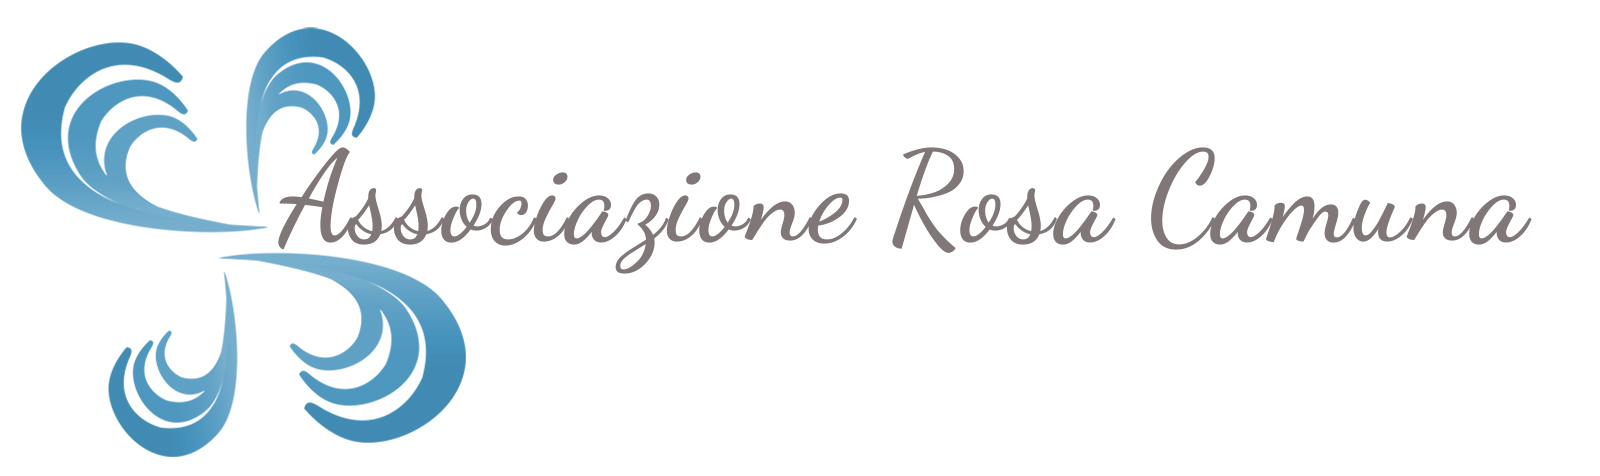 Associazione Rosa Camuna